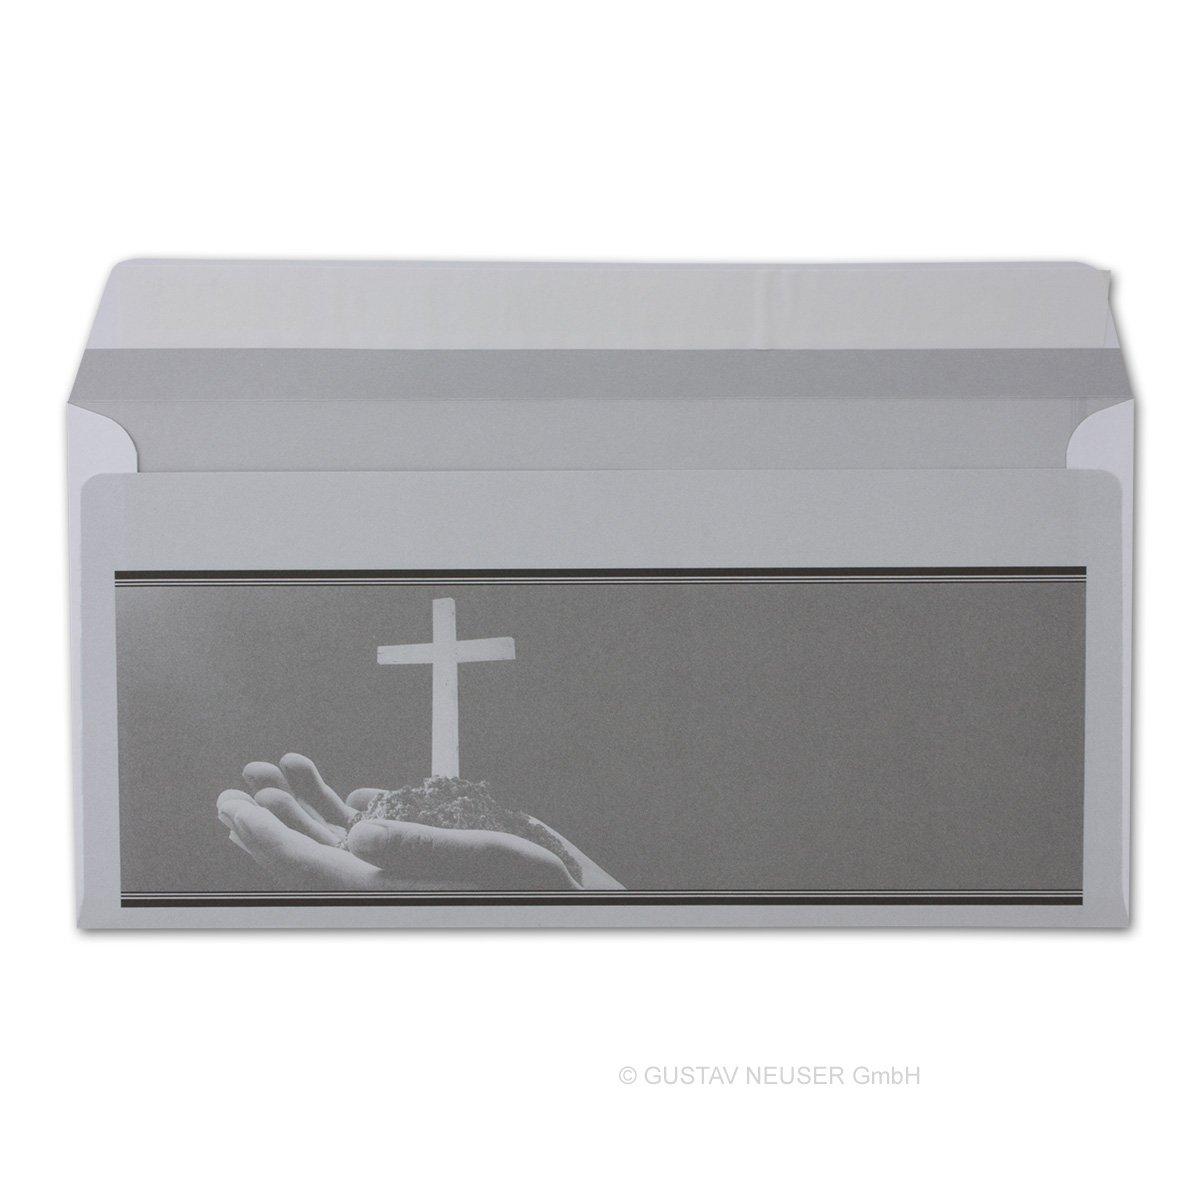 300 Stück Trauerumschlag Serie  Heinrich - - - offene Hände mit Kreuz    Haftklebung    DIN Lang 22 x 11 cm - 90 g m²    Trauerhülle - Briefumschlag B07B9FX4WP | Klein und fein  eecb8a